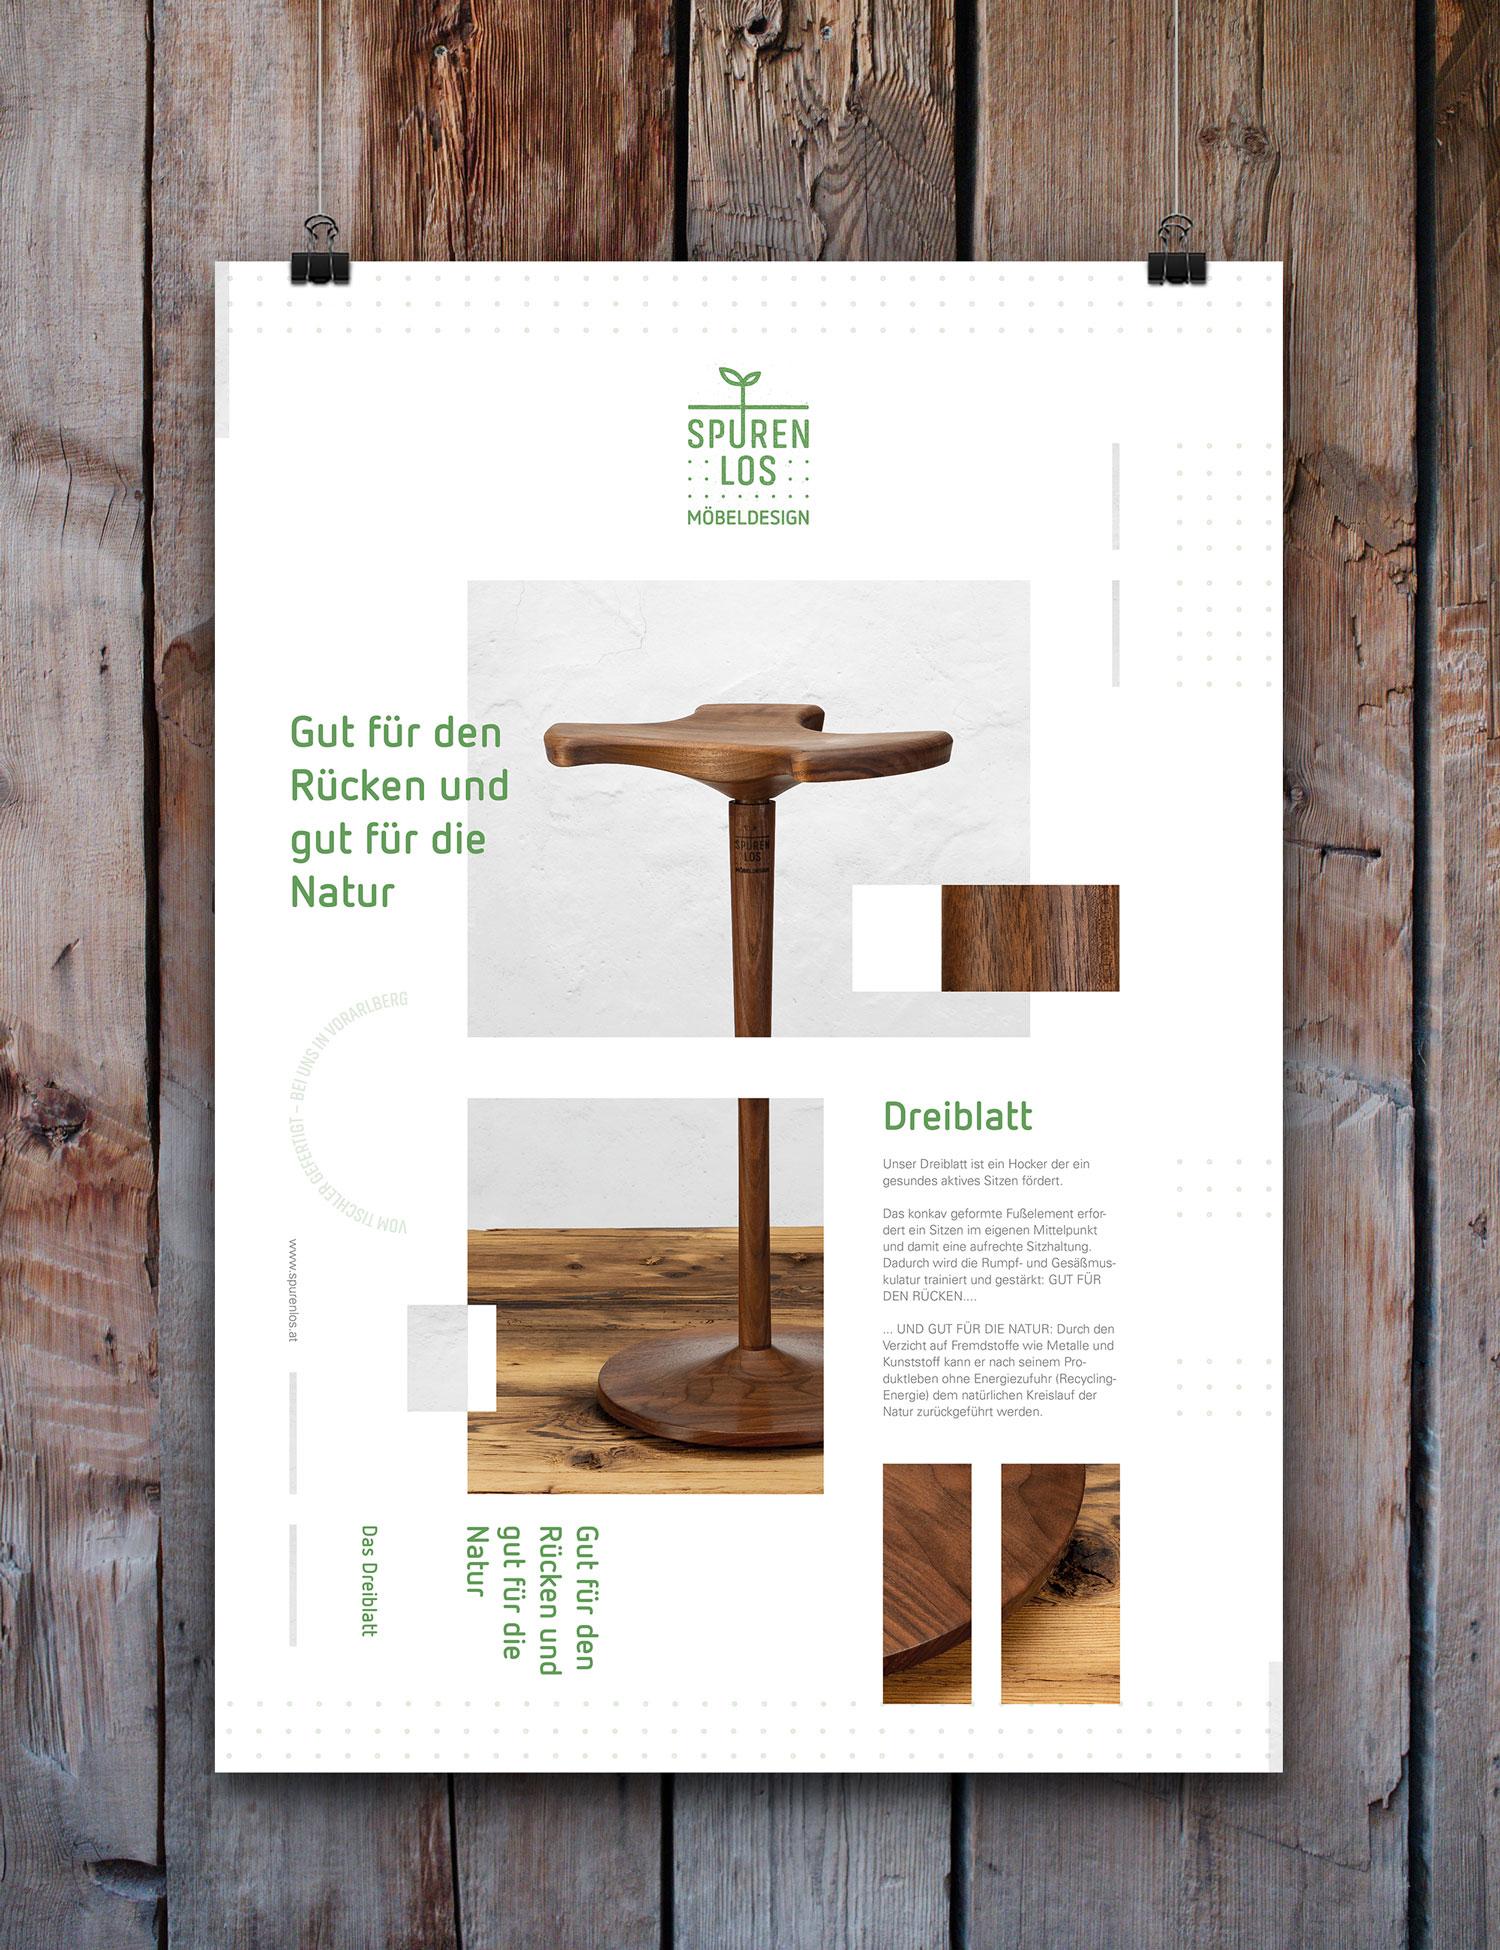 Spurenlos Möbeldesign – Poster Vorderseite